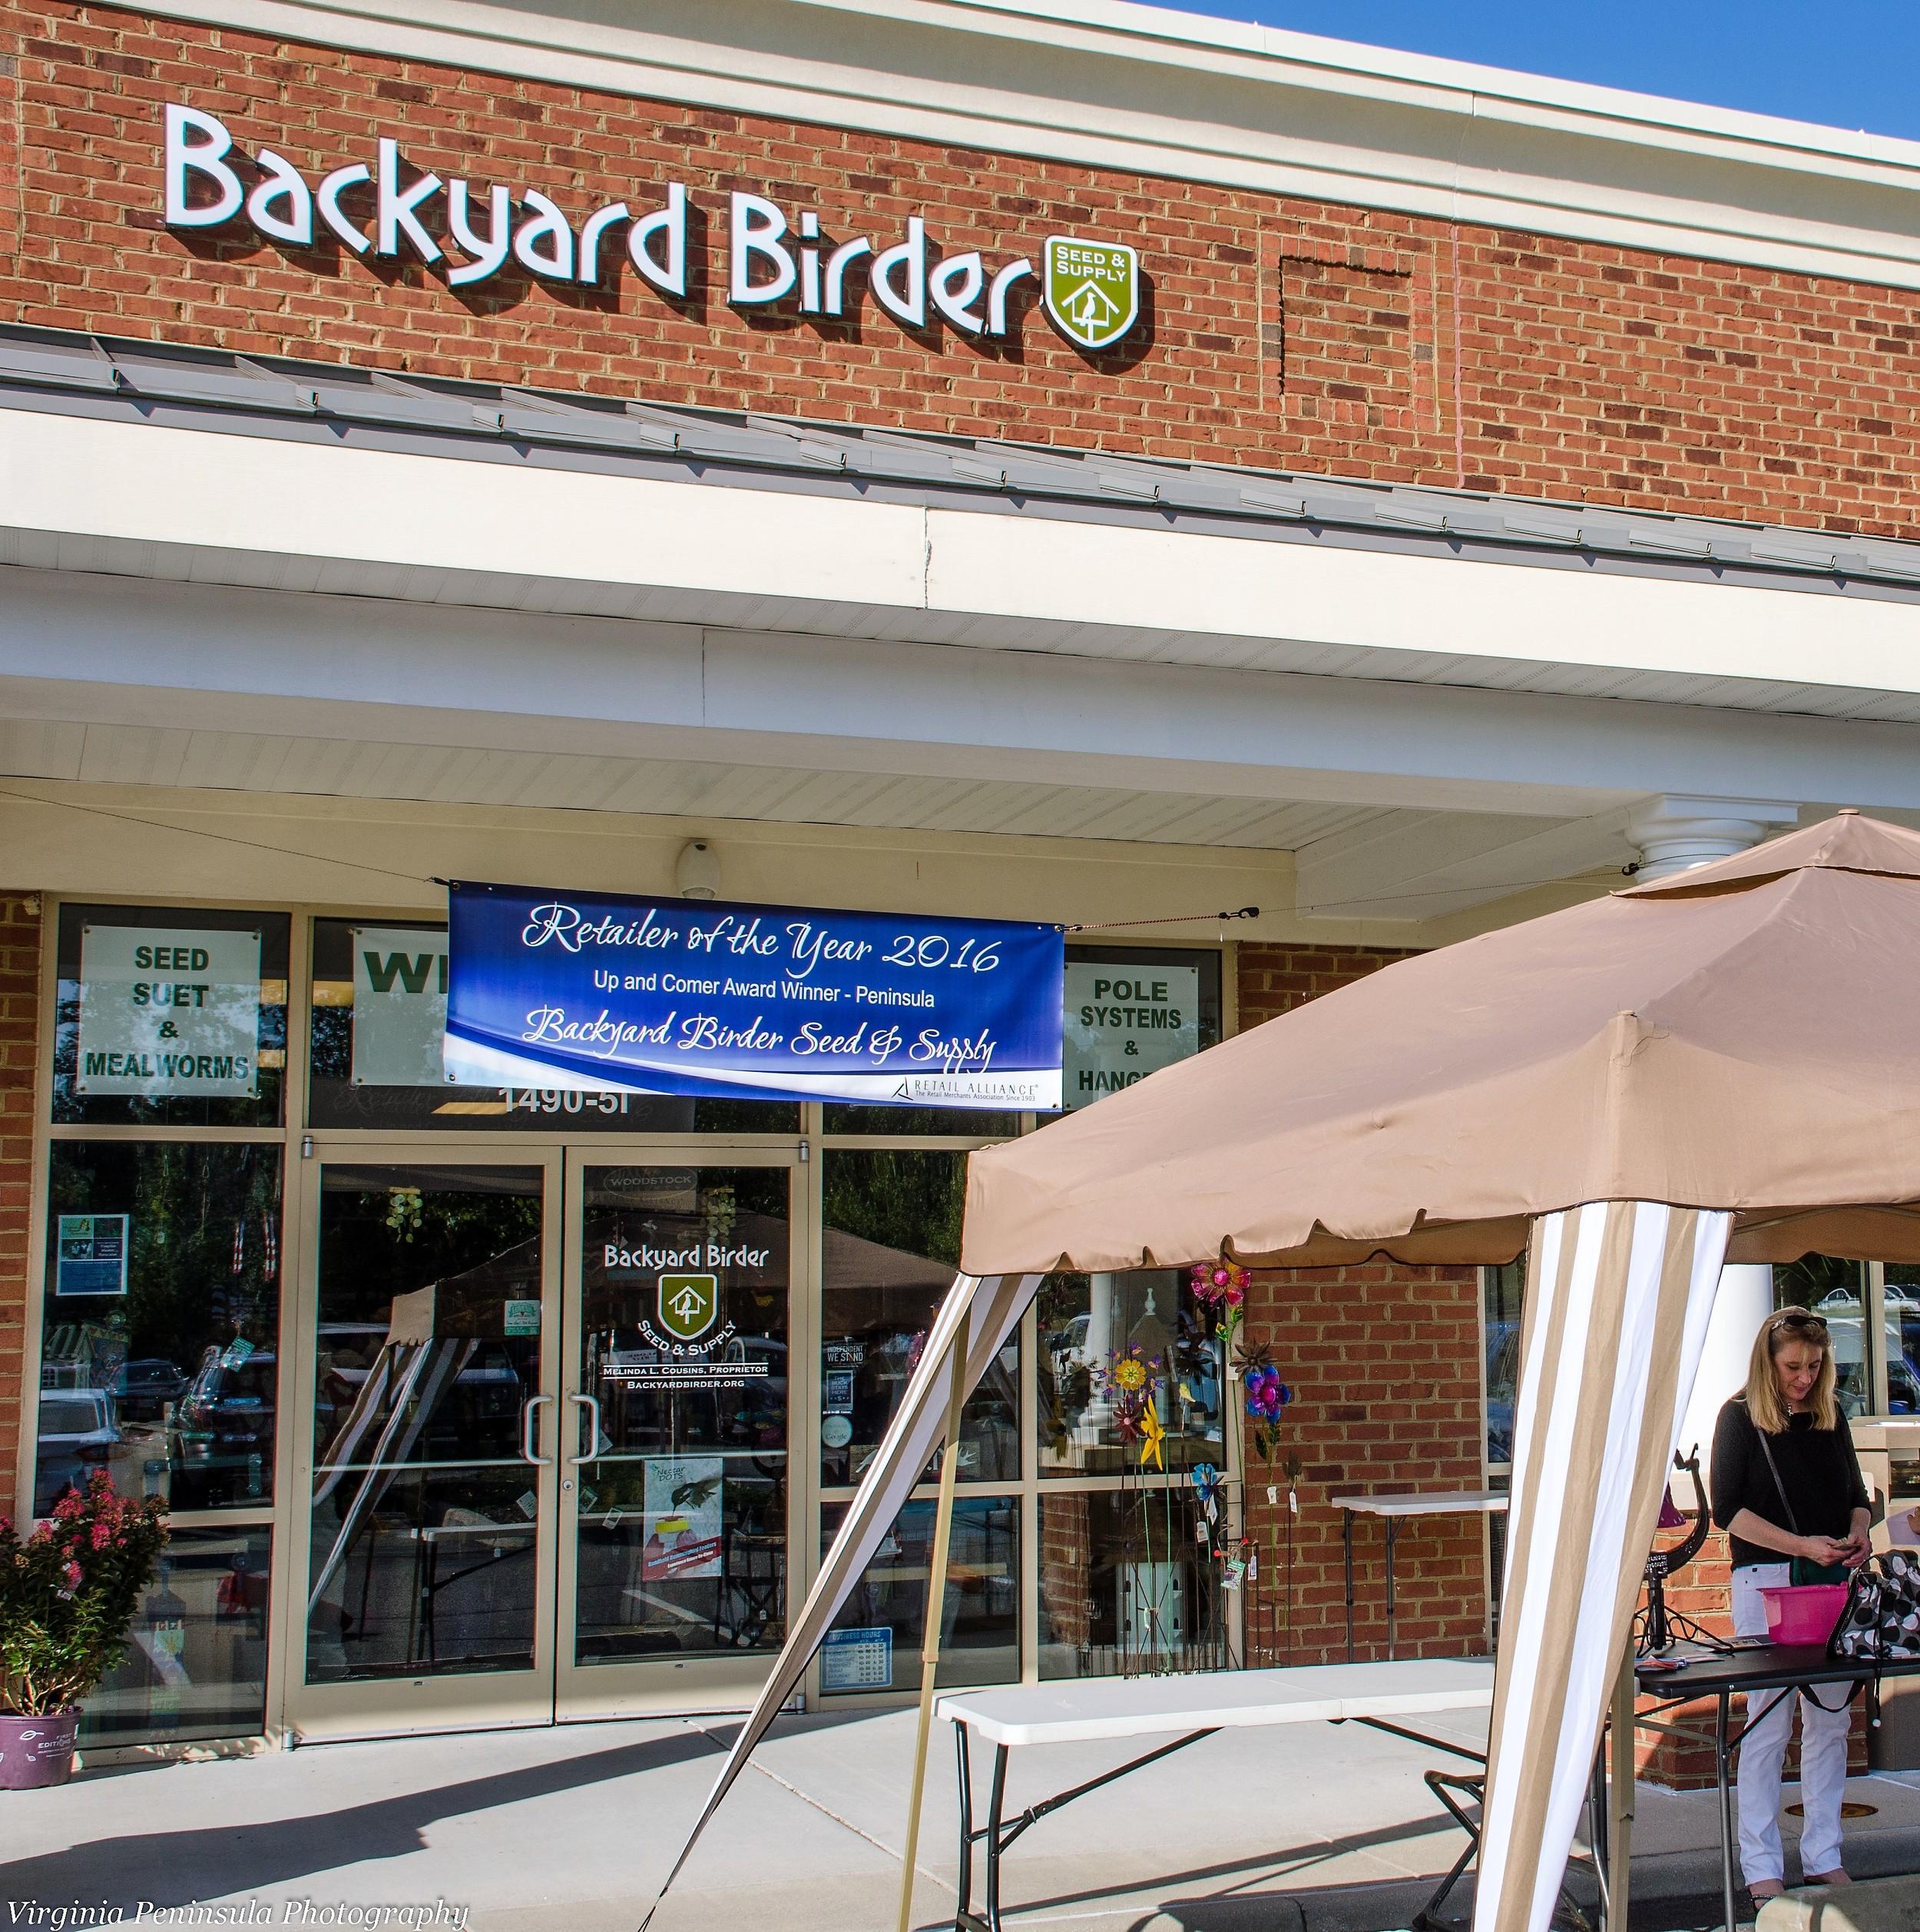 Backyard Birder_VPP-8.jpg